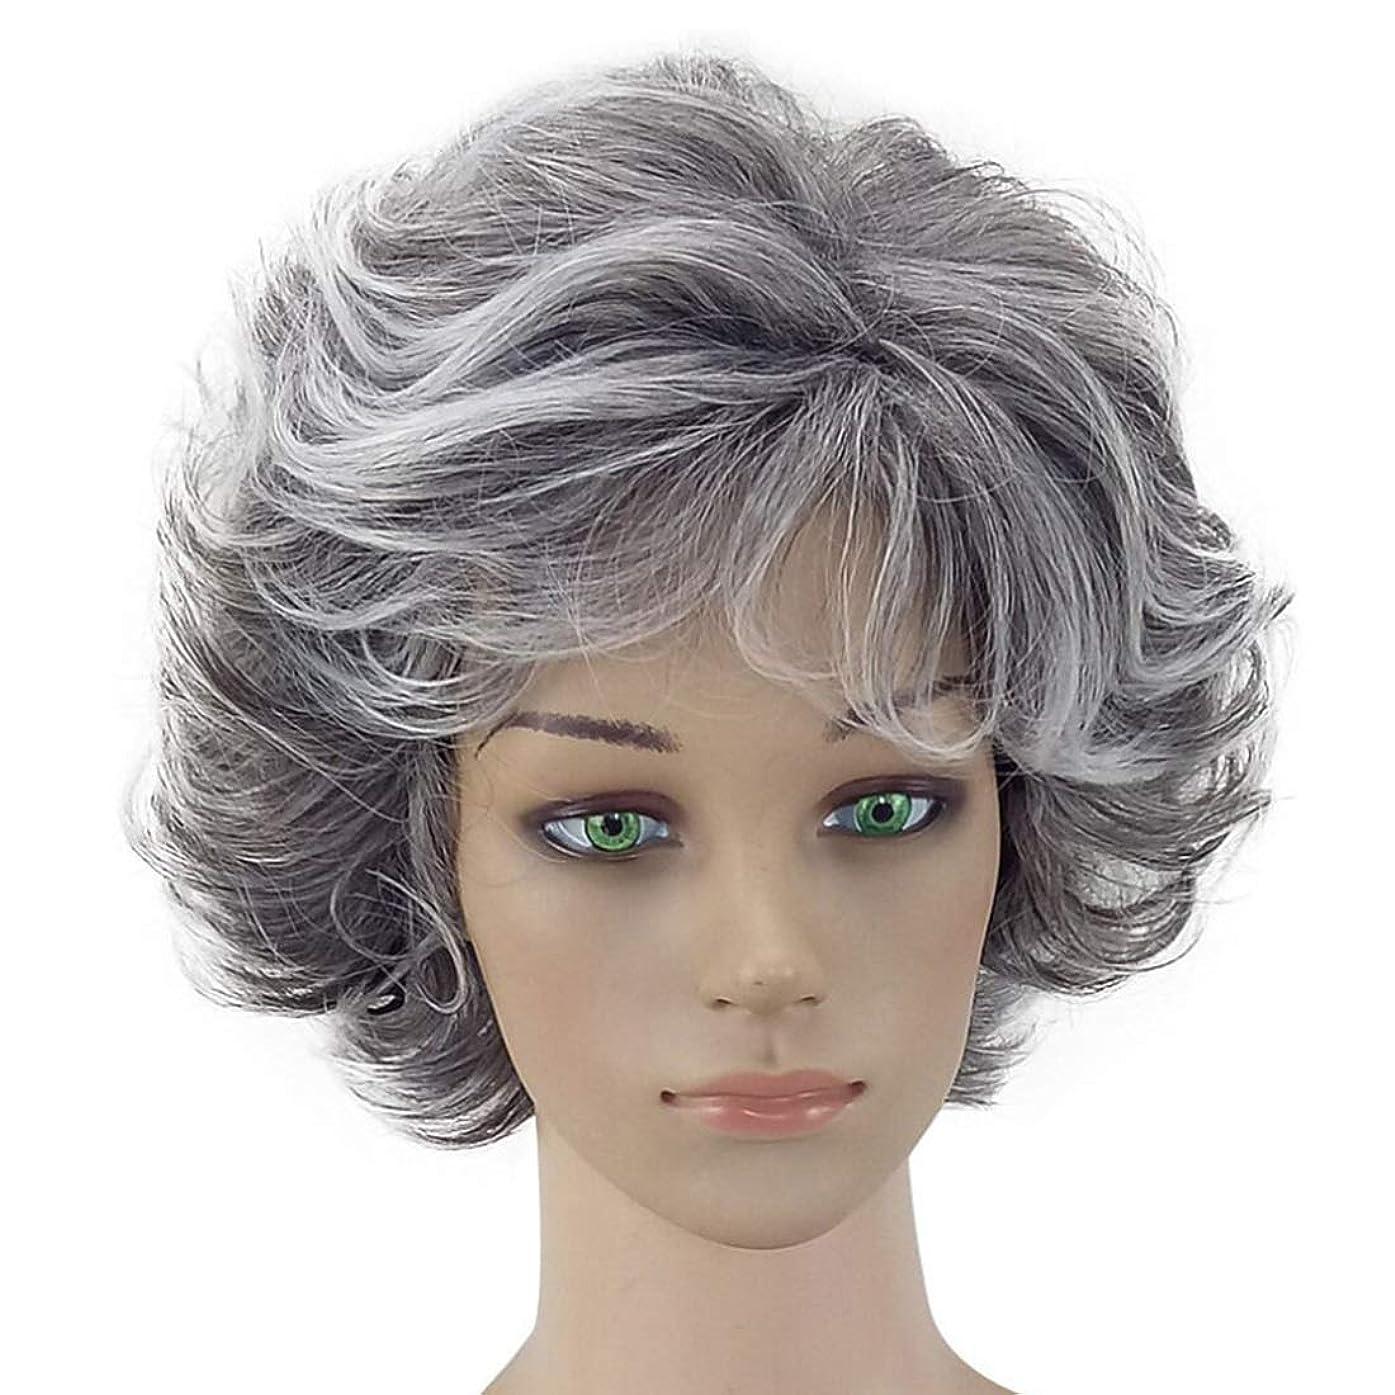 ローンビデオ始めるMayalina おばあちゃん灰色のアフリカの短いアフロカーリーウィッグコスプレ衣装パーティーのための自然な波状のかつら無料ウィッグキャップ合成髪レースかつらロールプレイングかつら (色 : Granny Grey, サイズ : ワンサイズ)